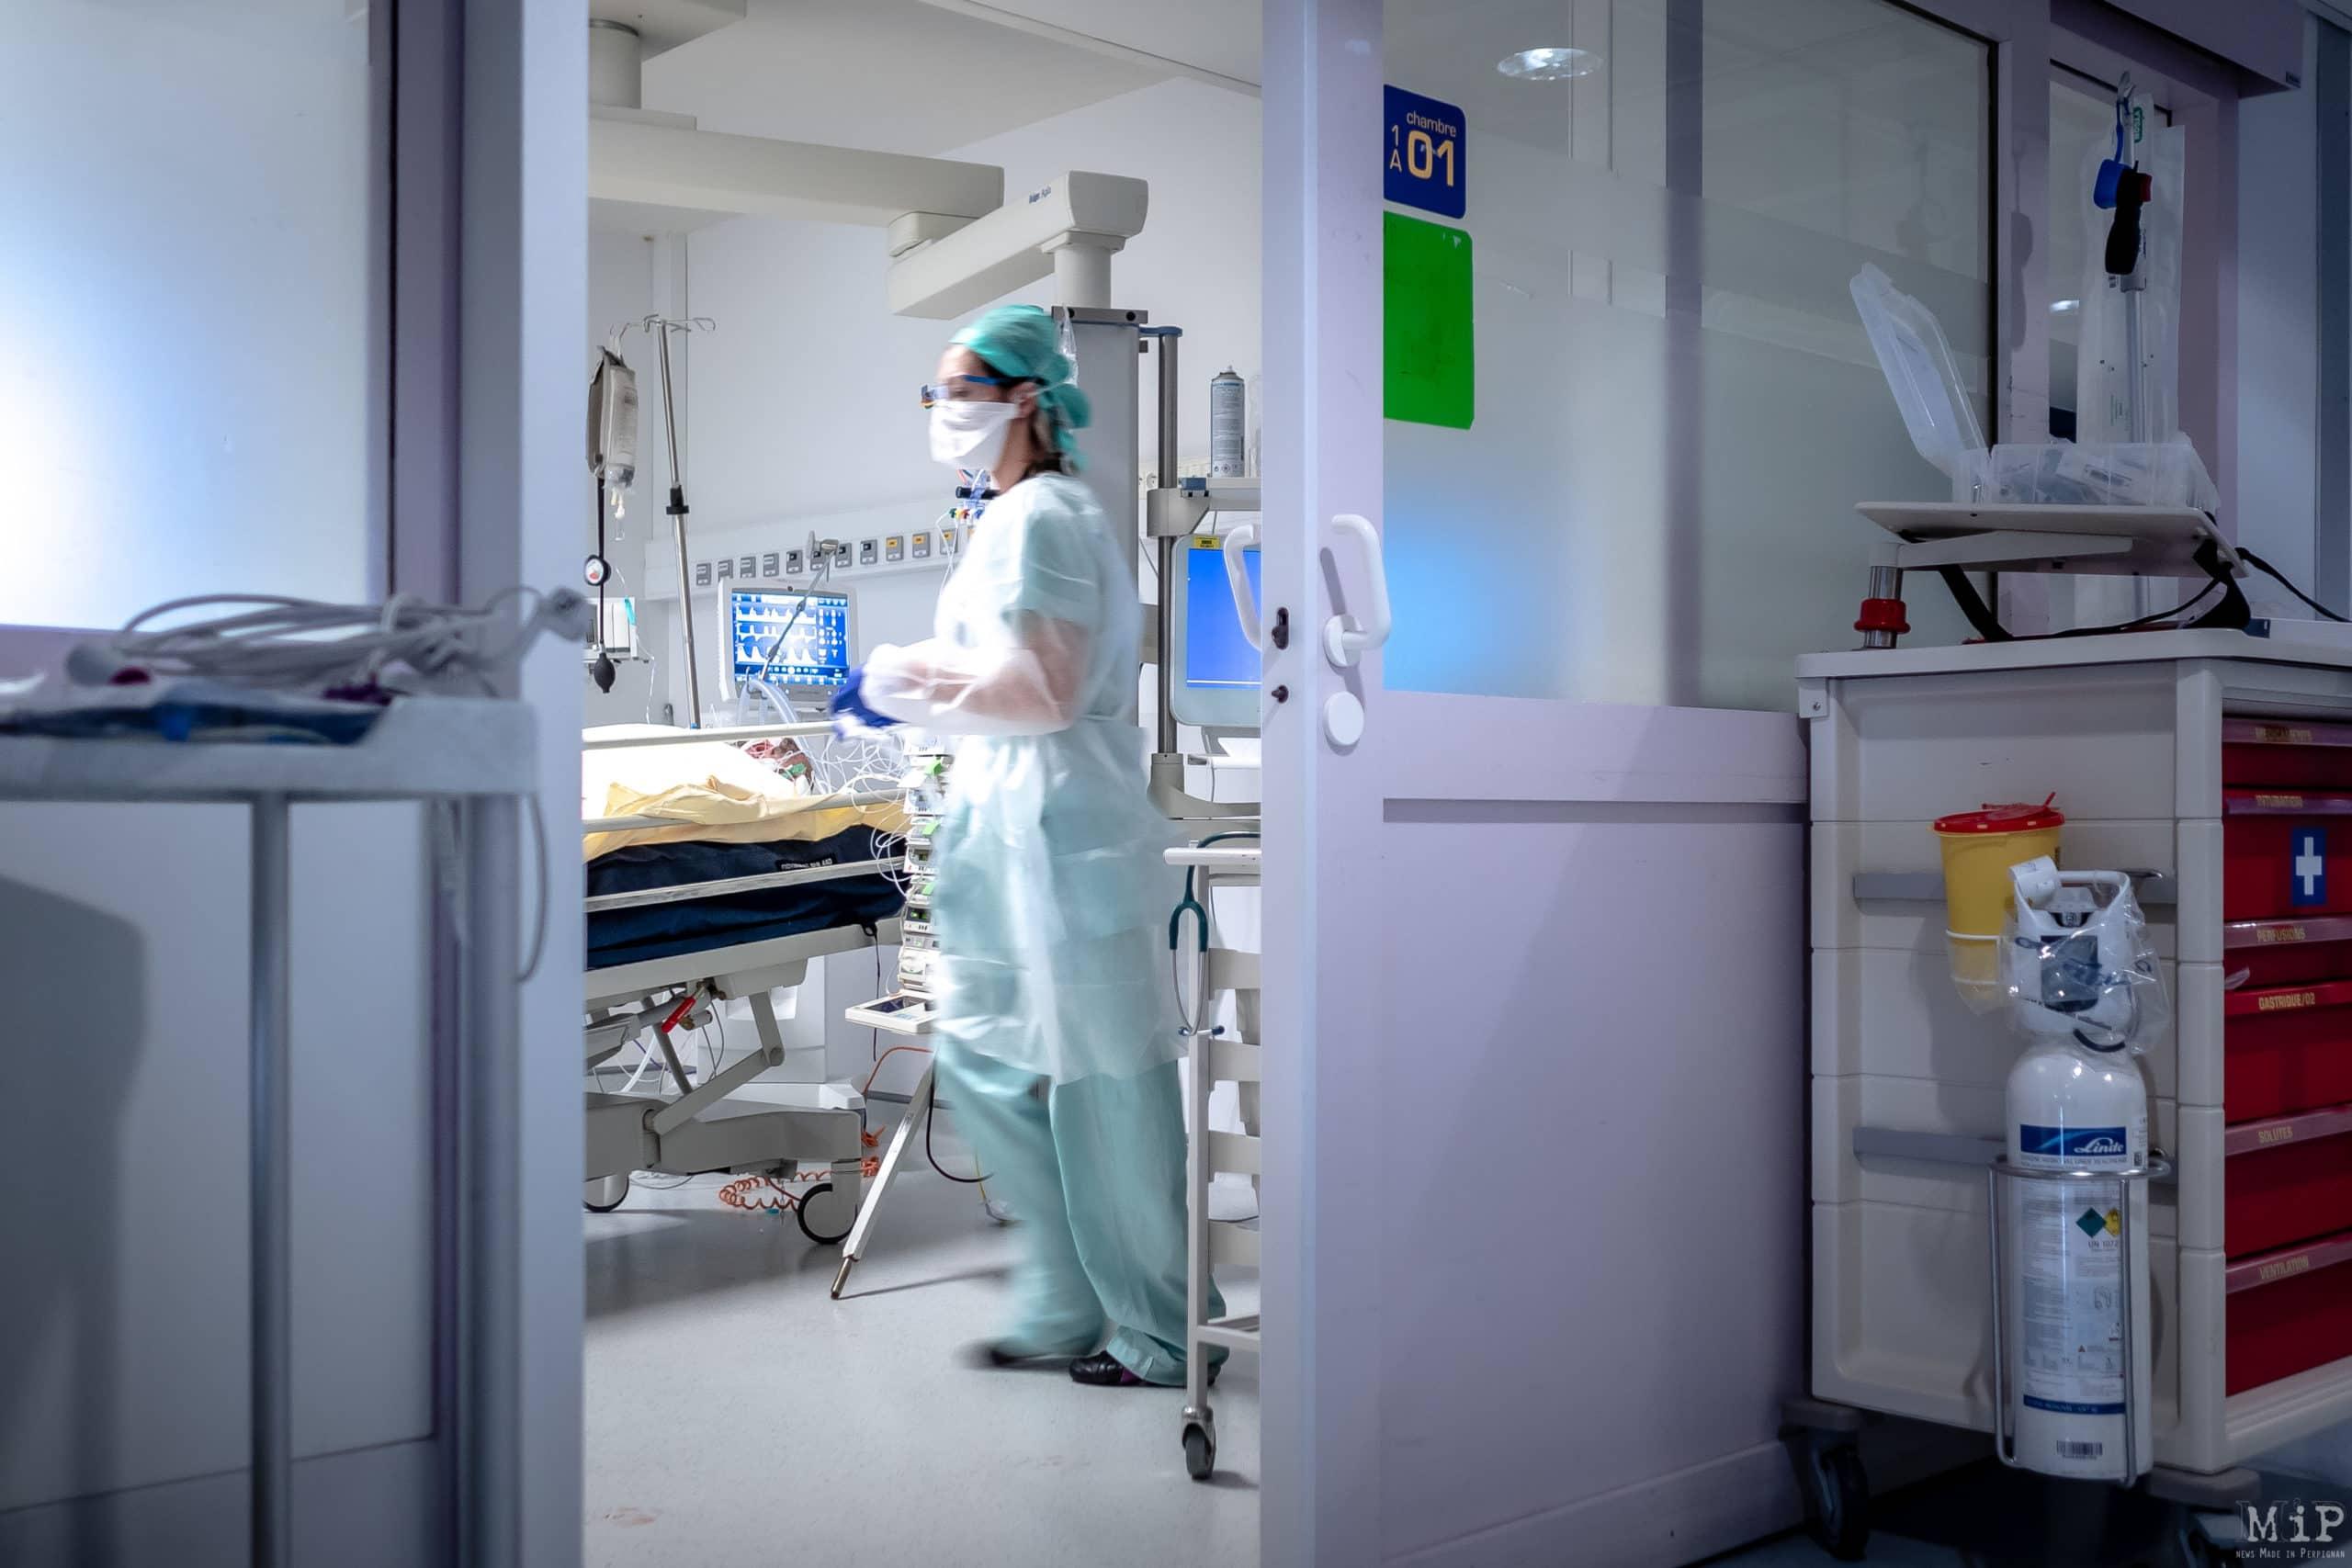 26/01/2021, Perpignan, France, quotidien des soignants hôpital St Jean secteur Covid-19 et réanimation © Arnaud Le Vu / MiP